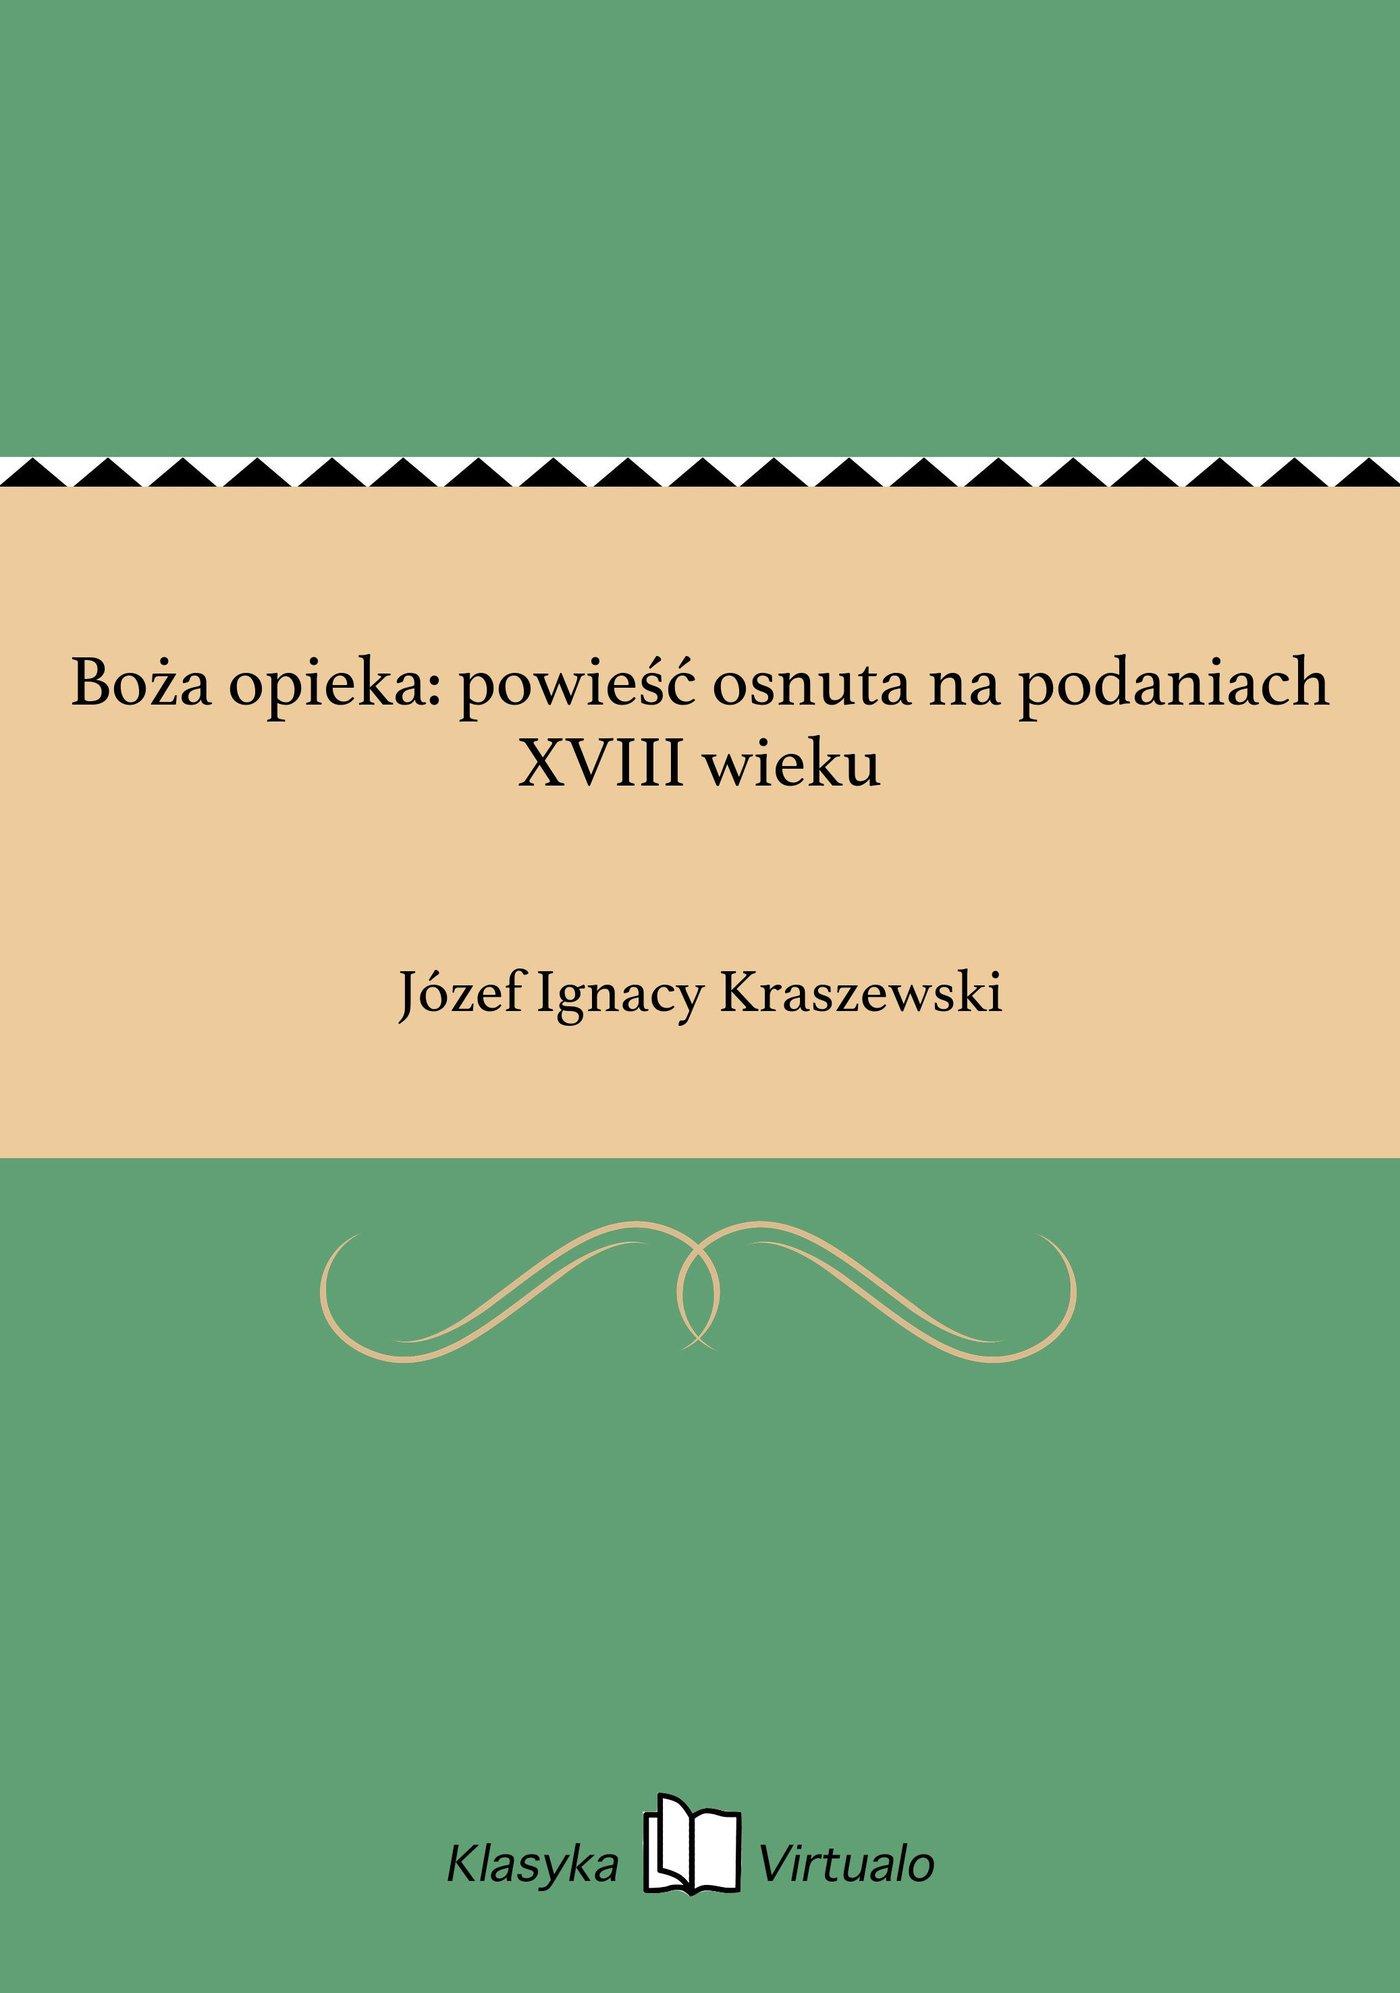 Boża opieka: powieść osnuta na podaniach XVIII wieku - Ebook (Książka EPUB) do pobrania w formacie EPUB